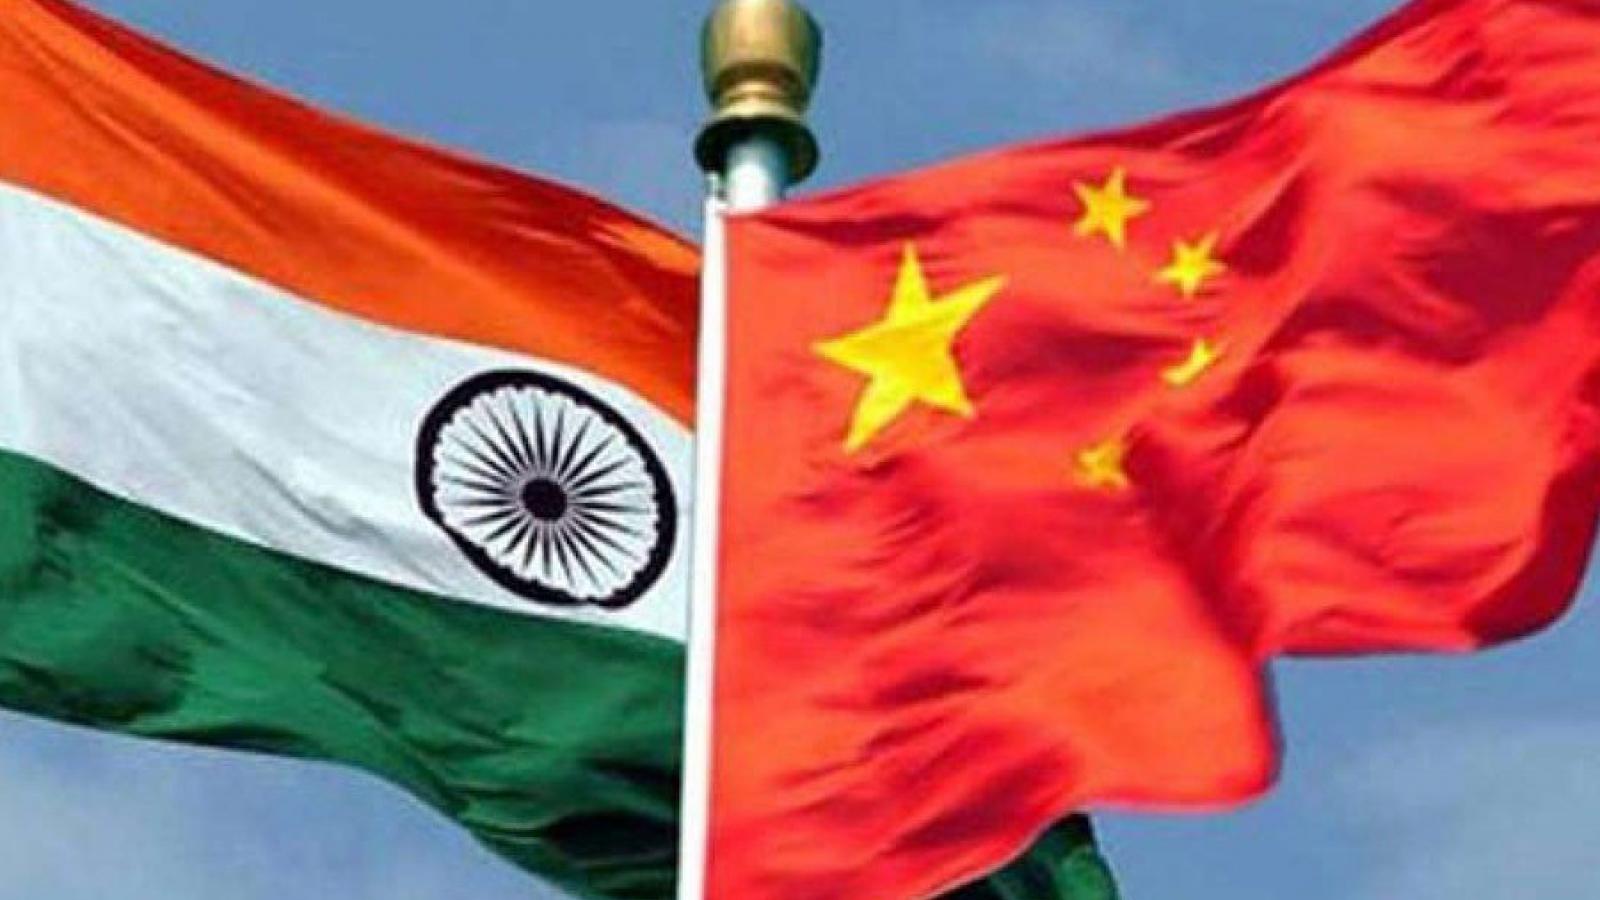 Chỉ huy quân sự cấp cao Ấn Độ và Trung Quốc tiến hành đàm phán mới